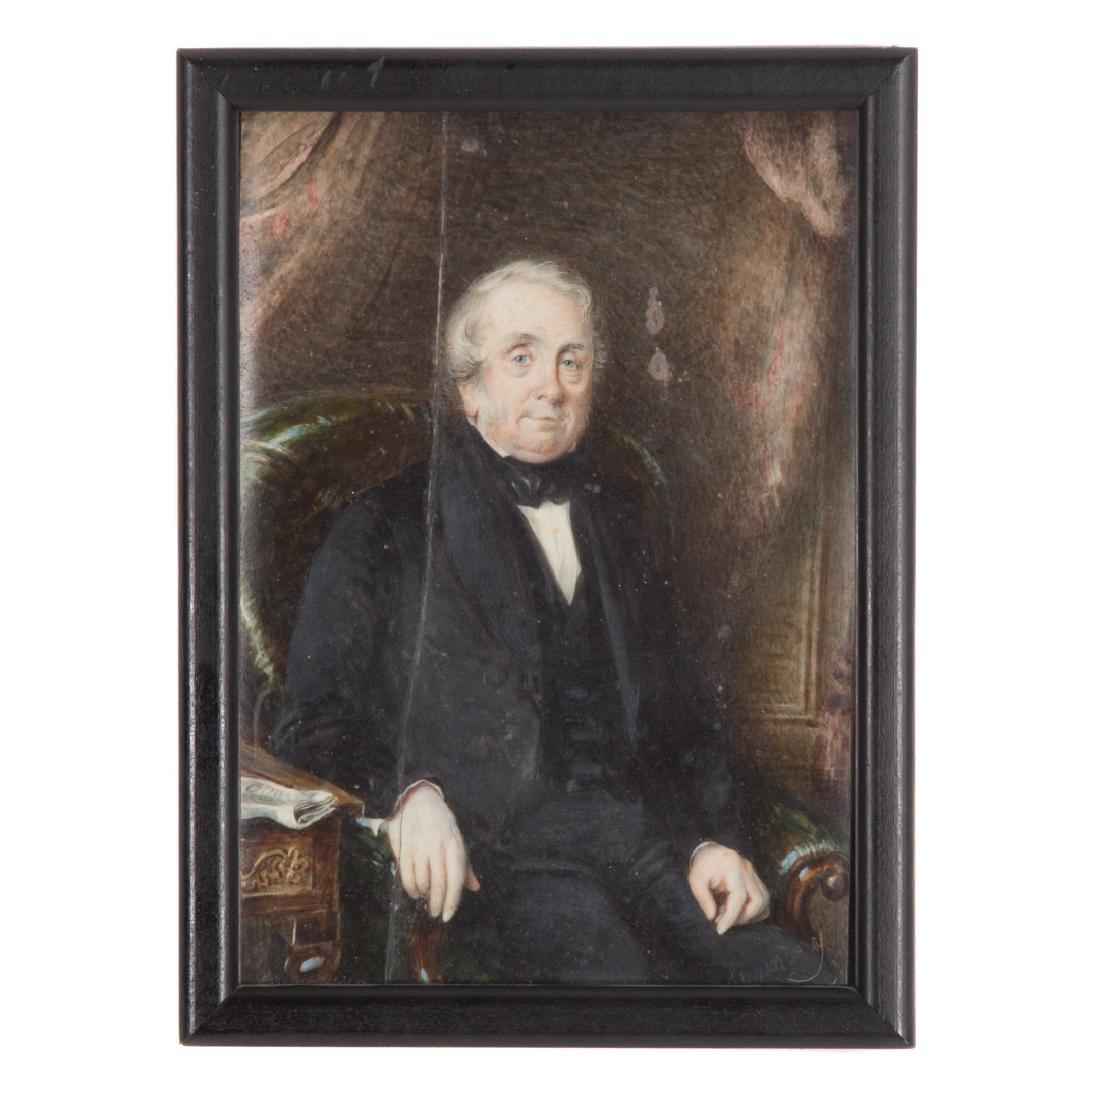 Henry Colton Shumway, portrait miniature